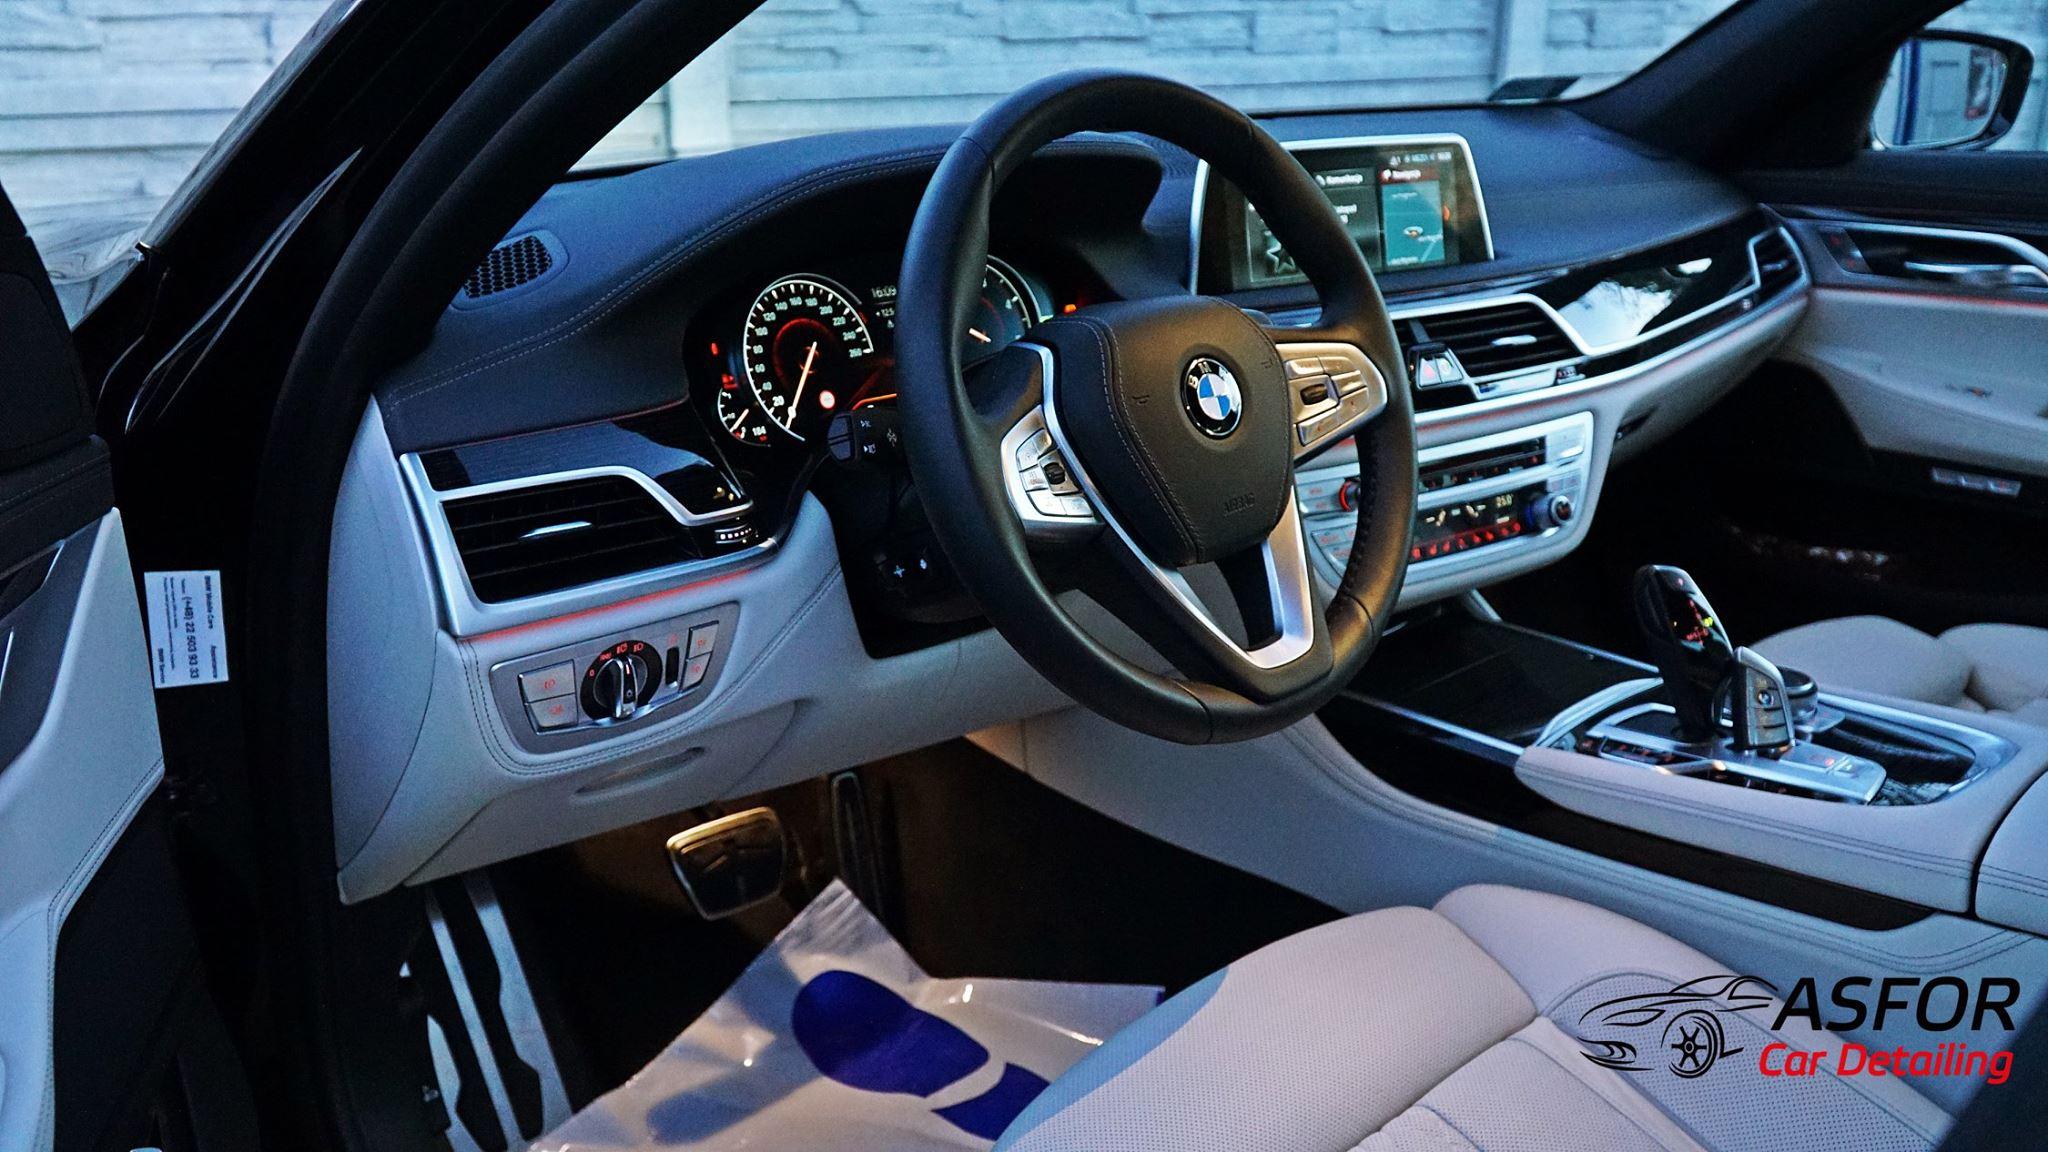 Zabezpieczenie wnętrza auta Asfor autodetaling Łódź